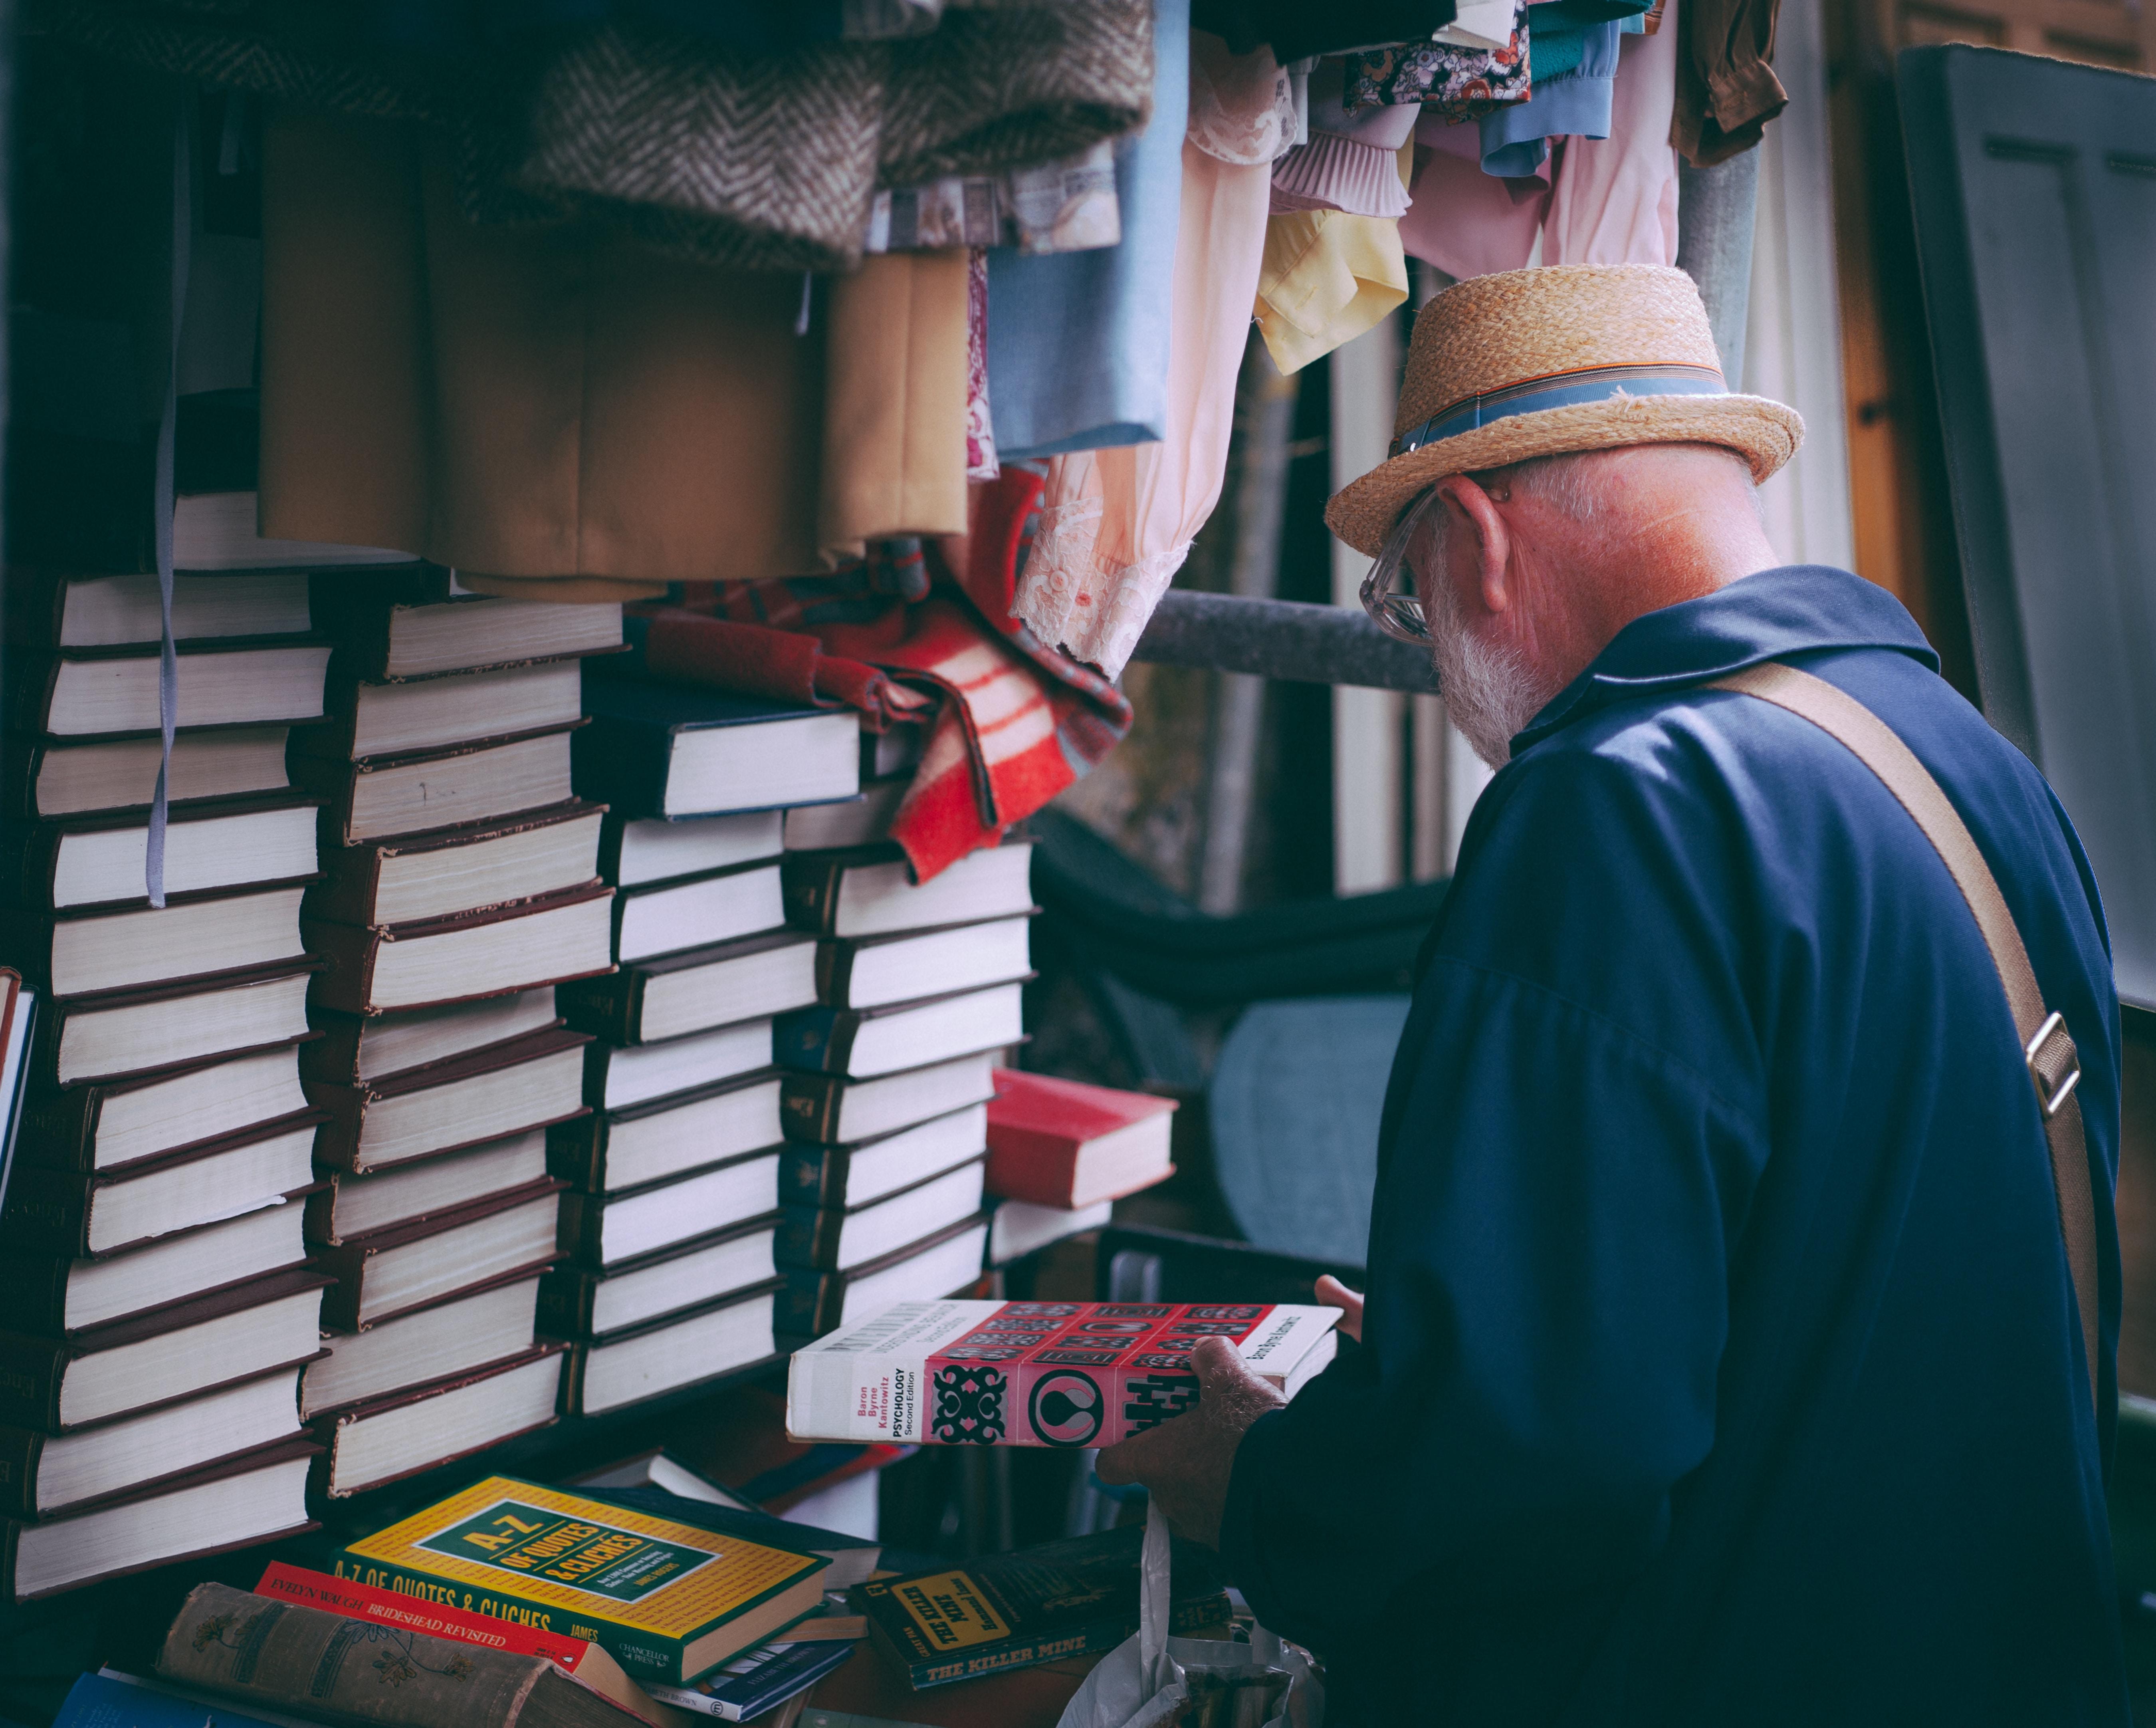 uomo che osserva libri stampati